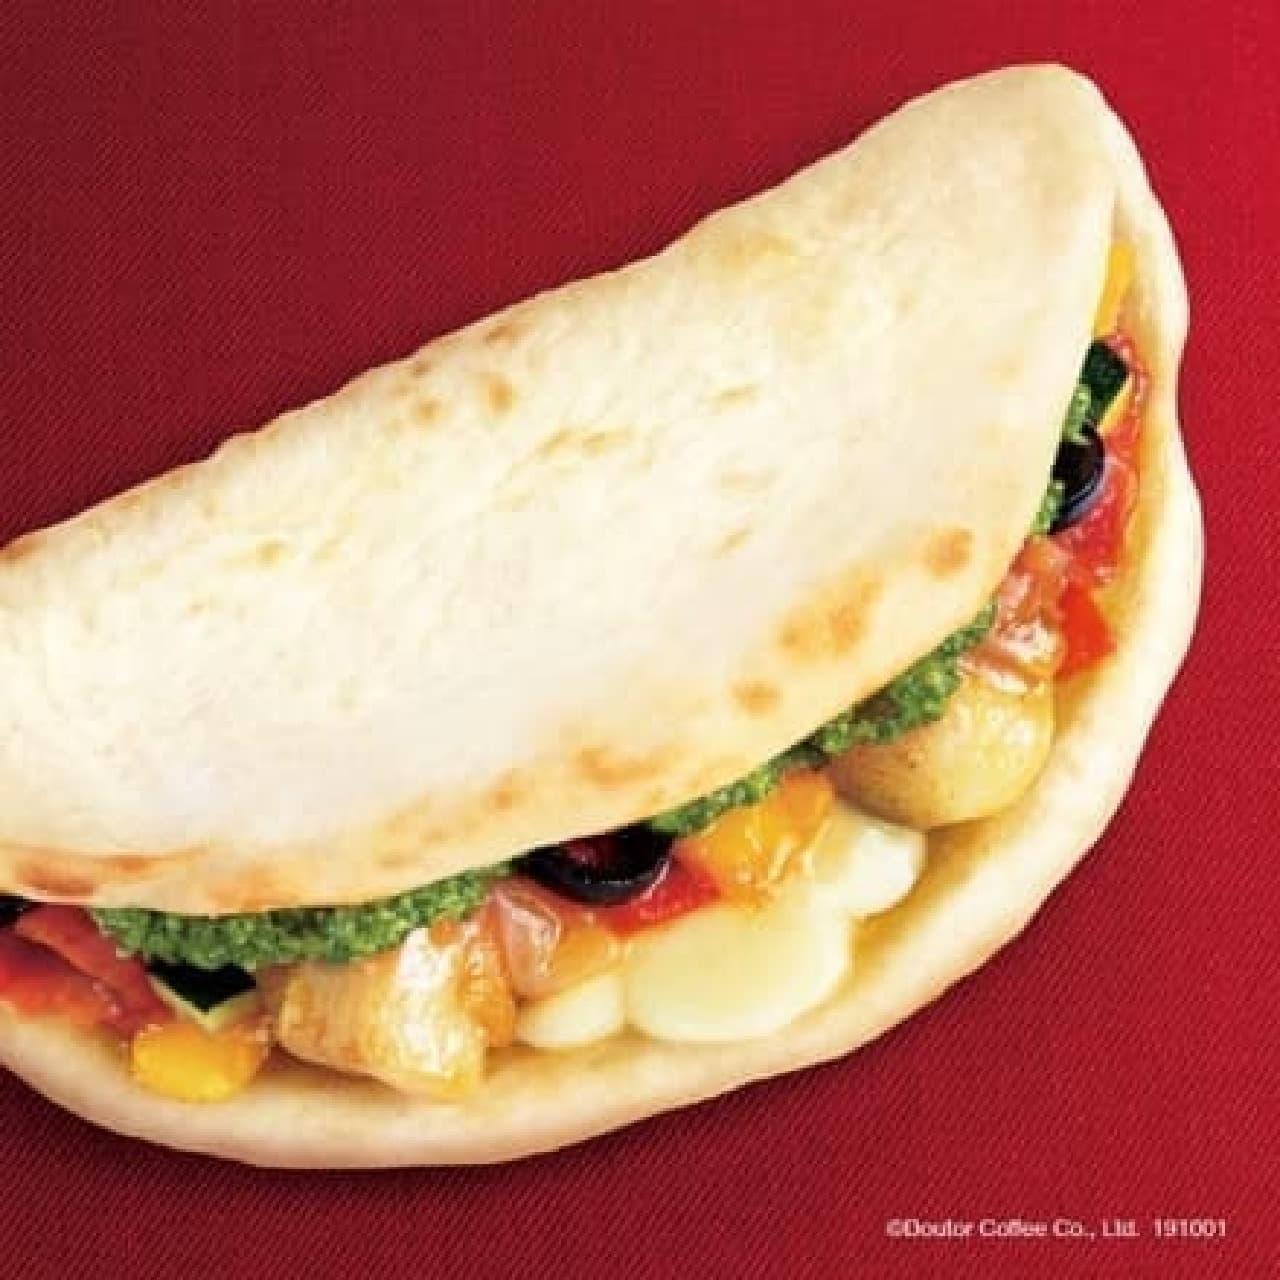 ドトールコーヒーショップの「カルツォーネ 彩り野菜とチキンのマルゲリータ」